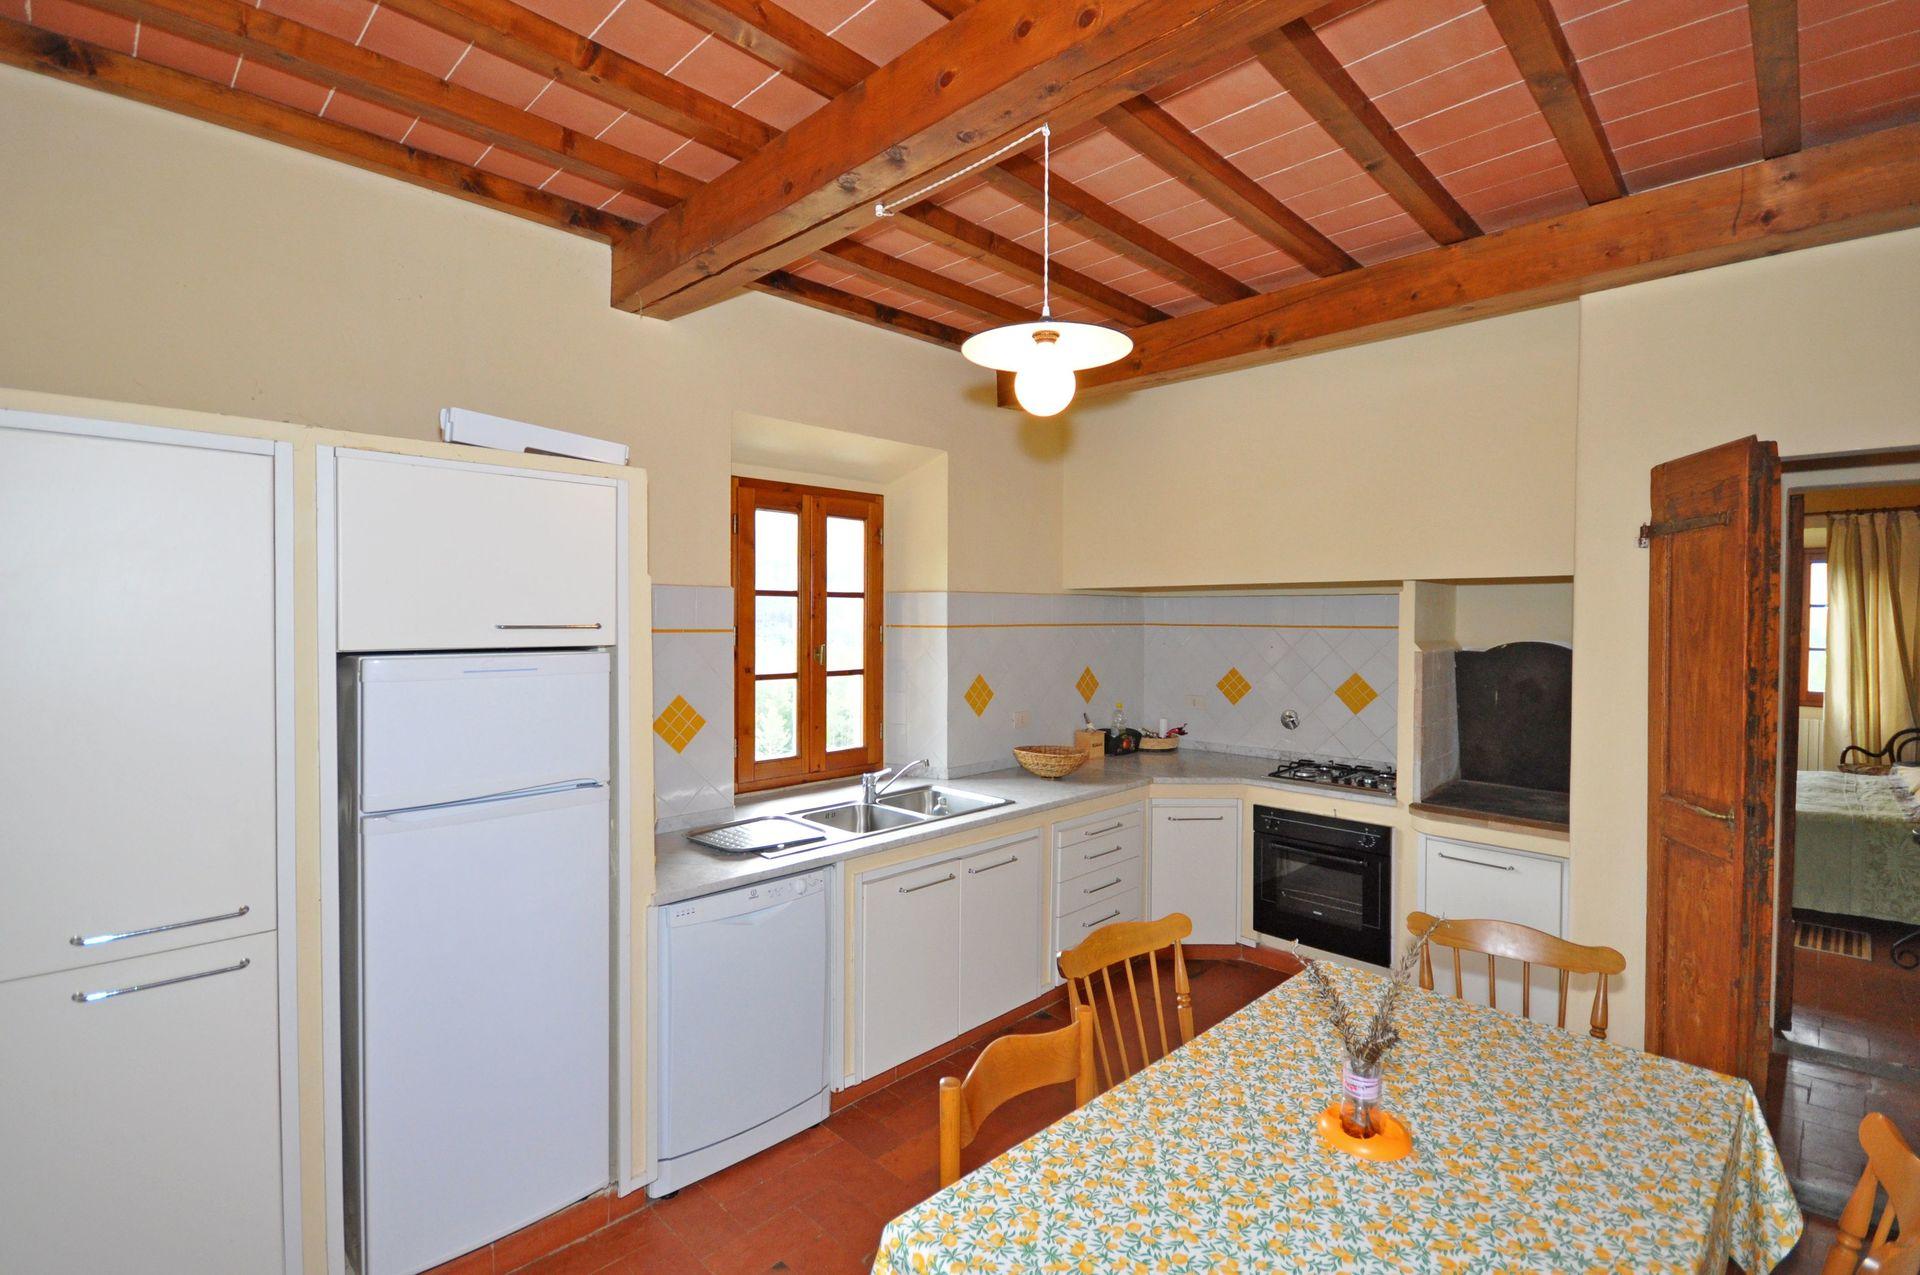 Bagno a Ripoli Holiday Rental Villa Terrazza located Tuscany, Italy.